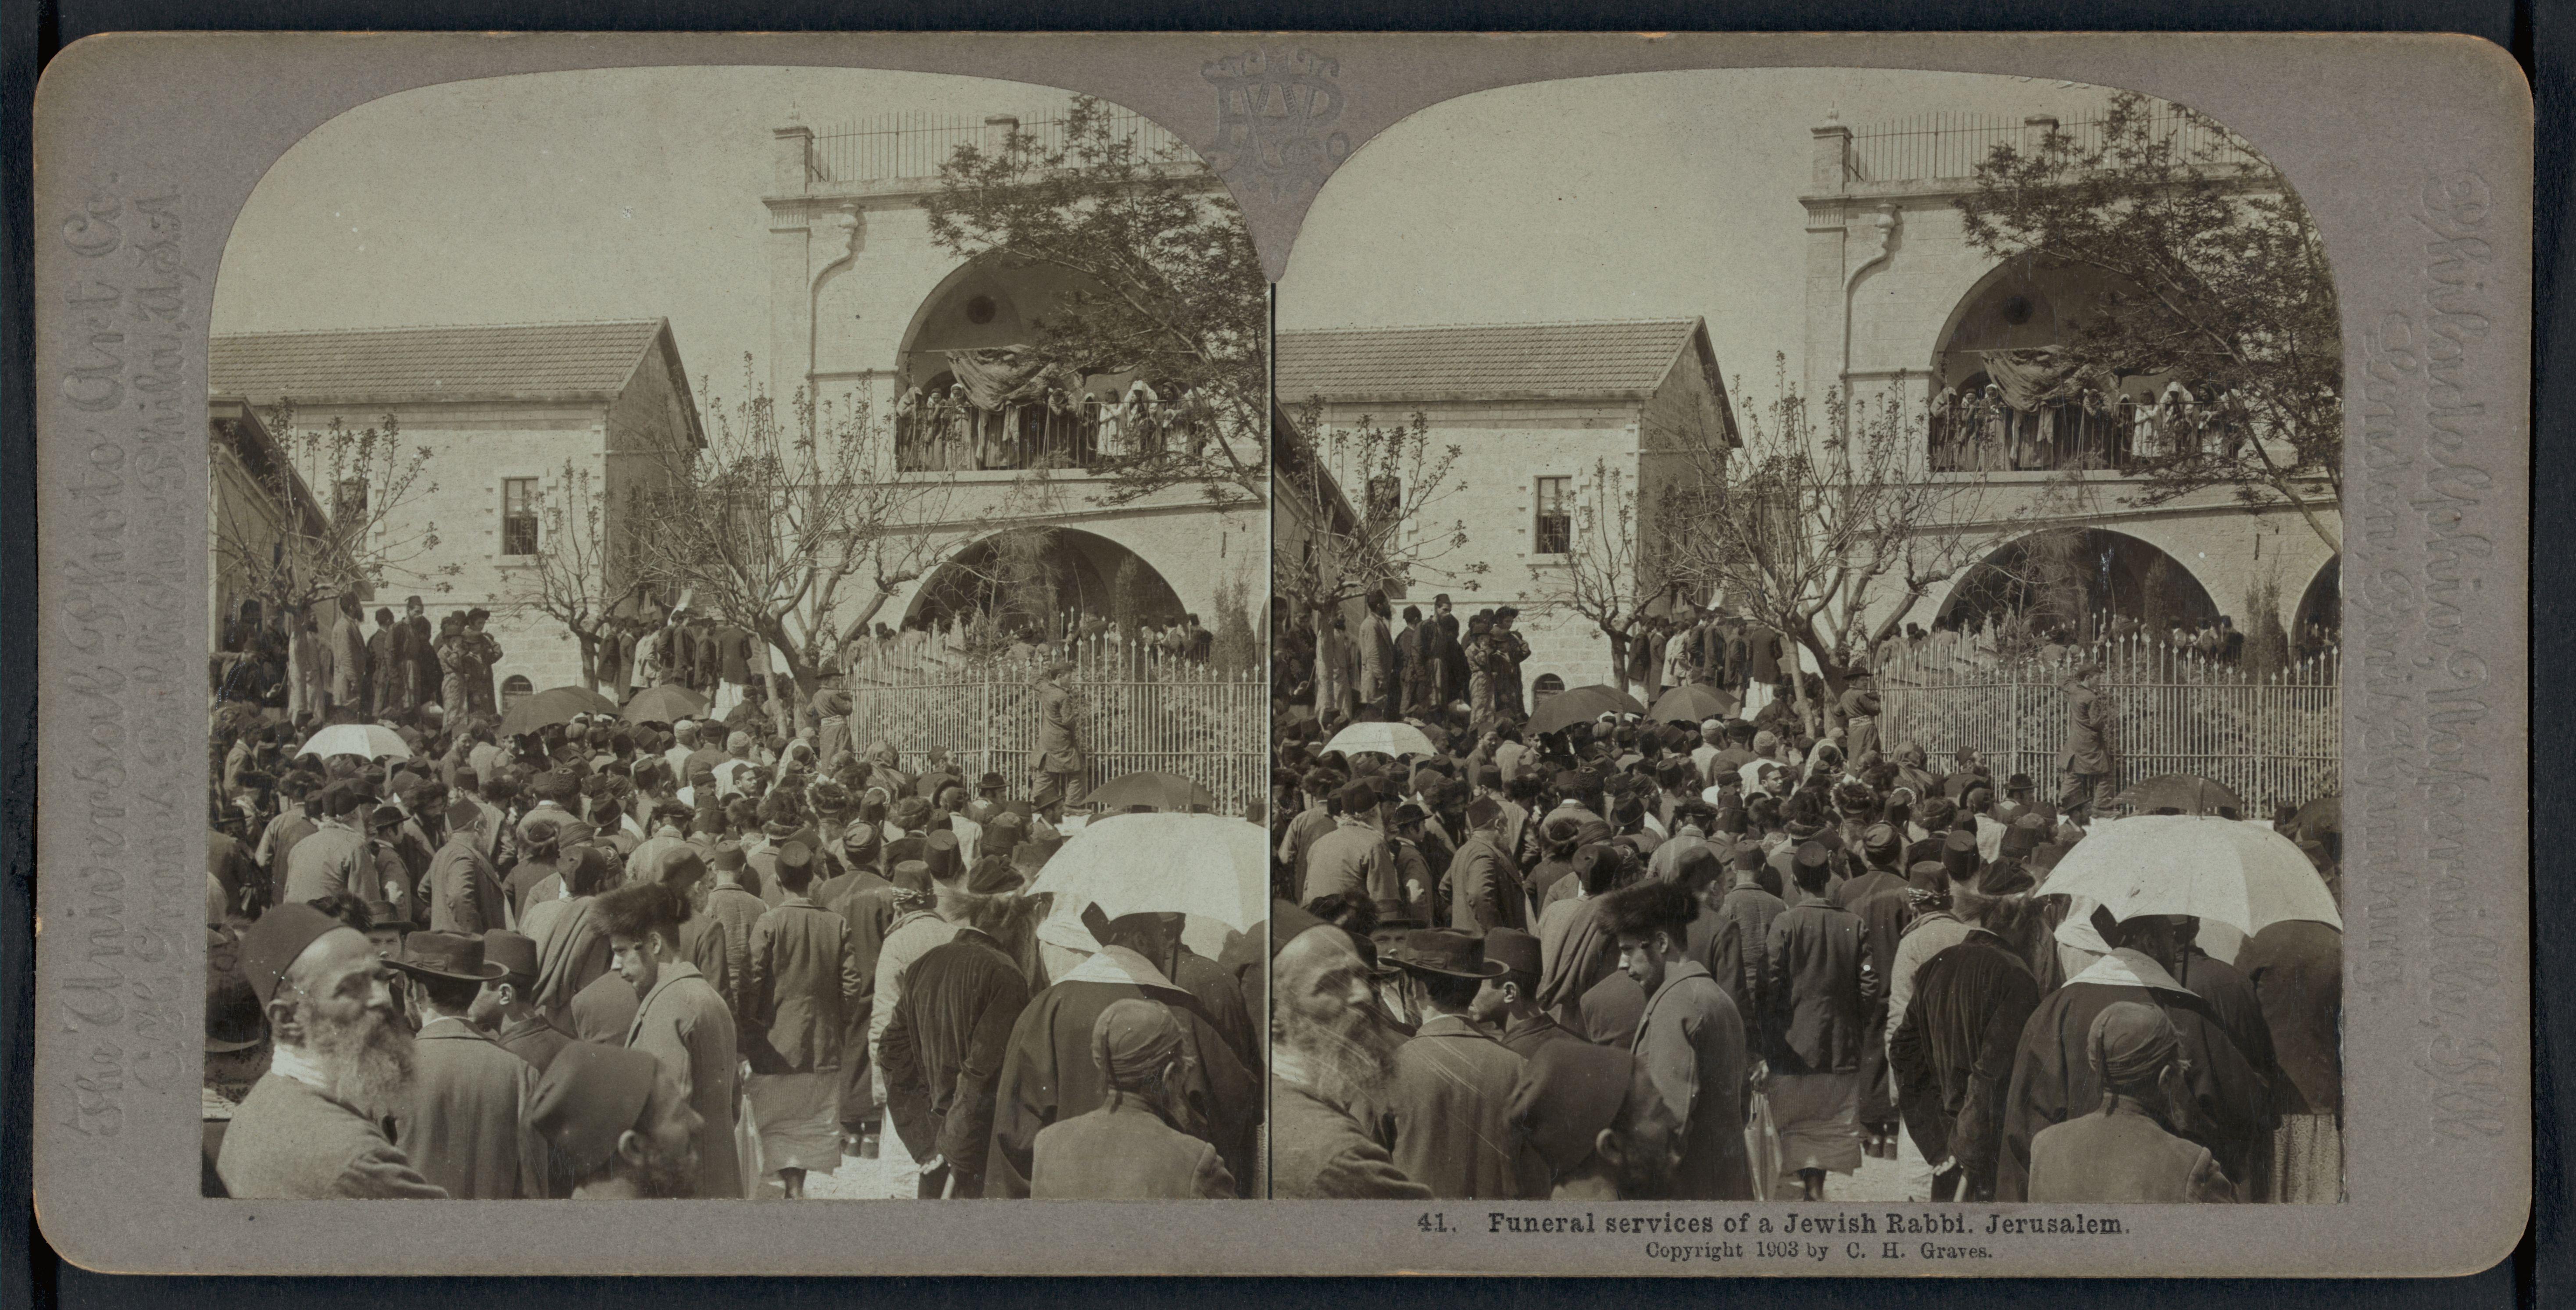 41. Иерусалим. Похороны еврейского раввина